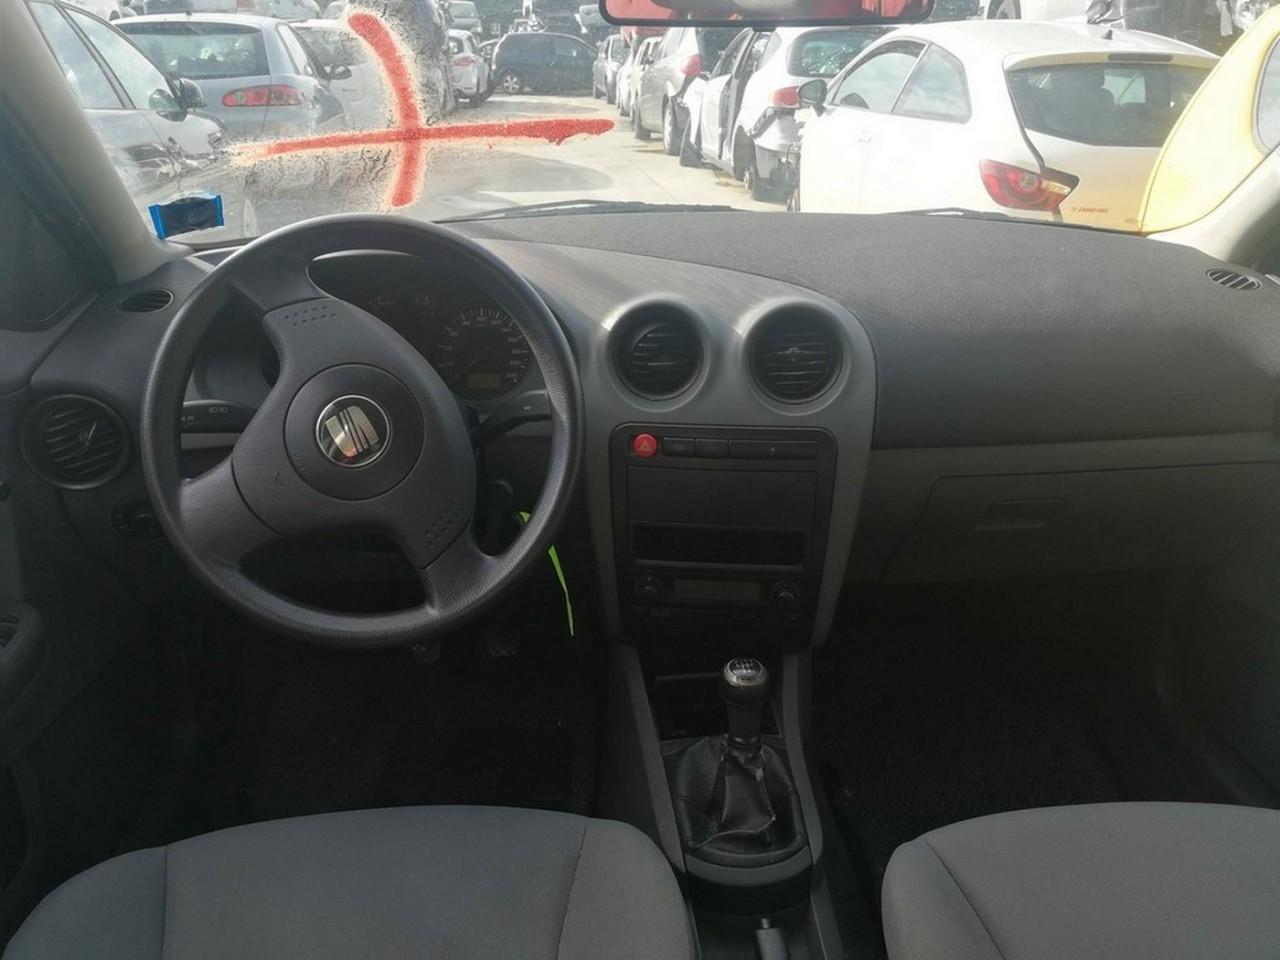 DEZMEMBRARI AUTO Seat Cordoba an de fabricatie 2003 - 2004 - 2005 - 2006 - 2007 -2008